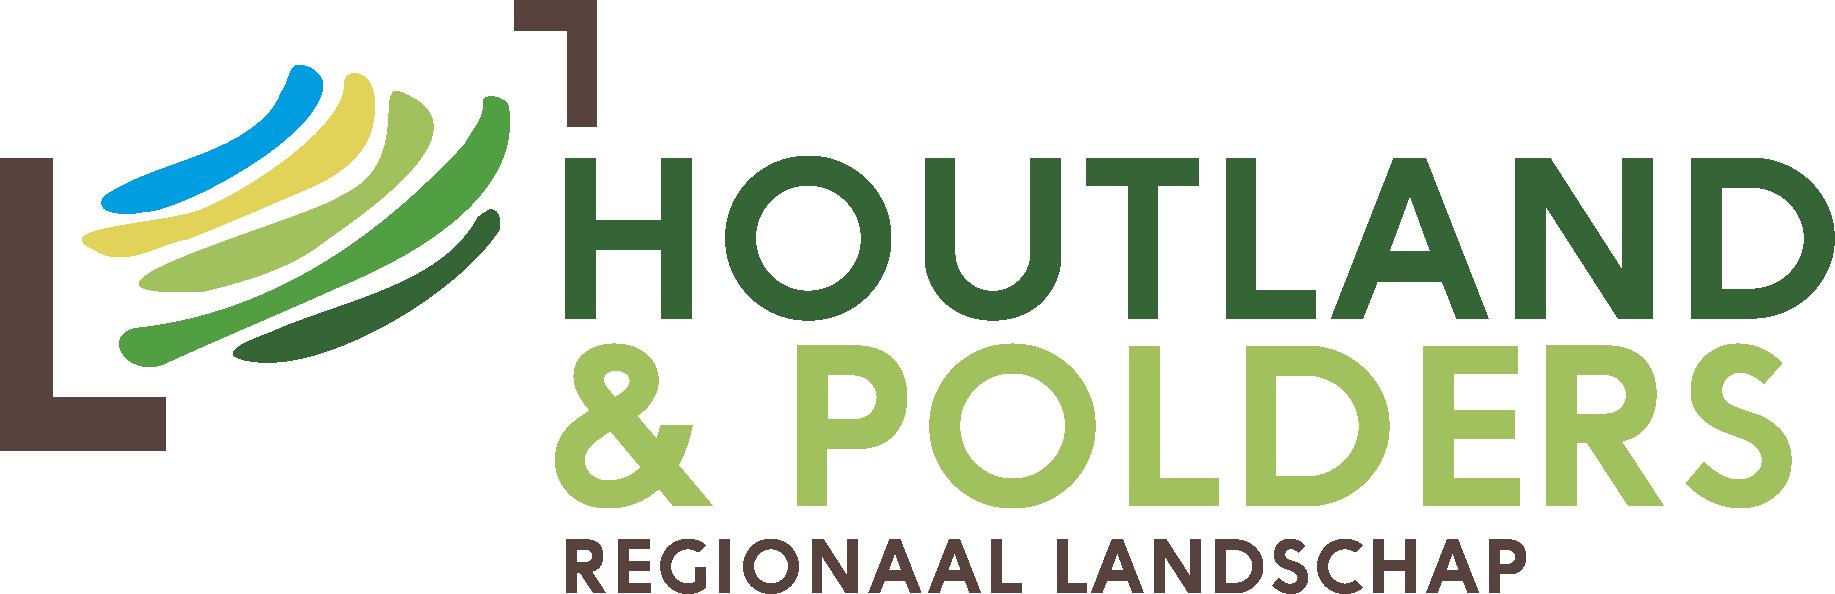 Regionaal Landschap Houtland & Polders vzw Webshop